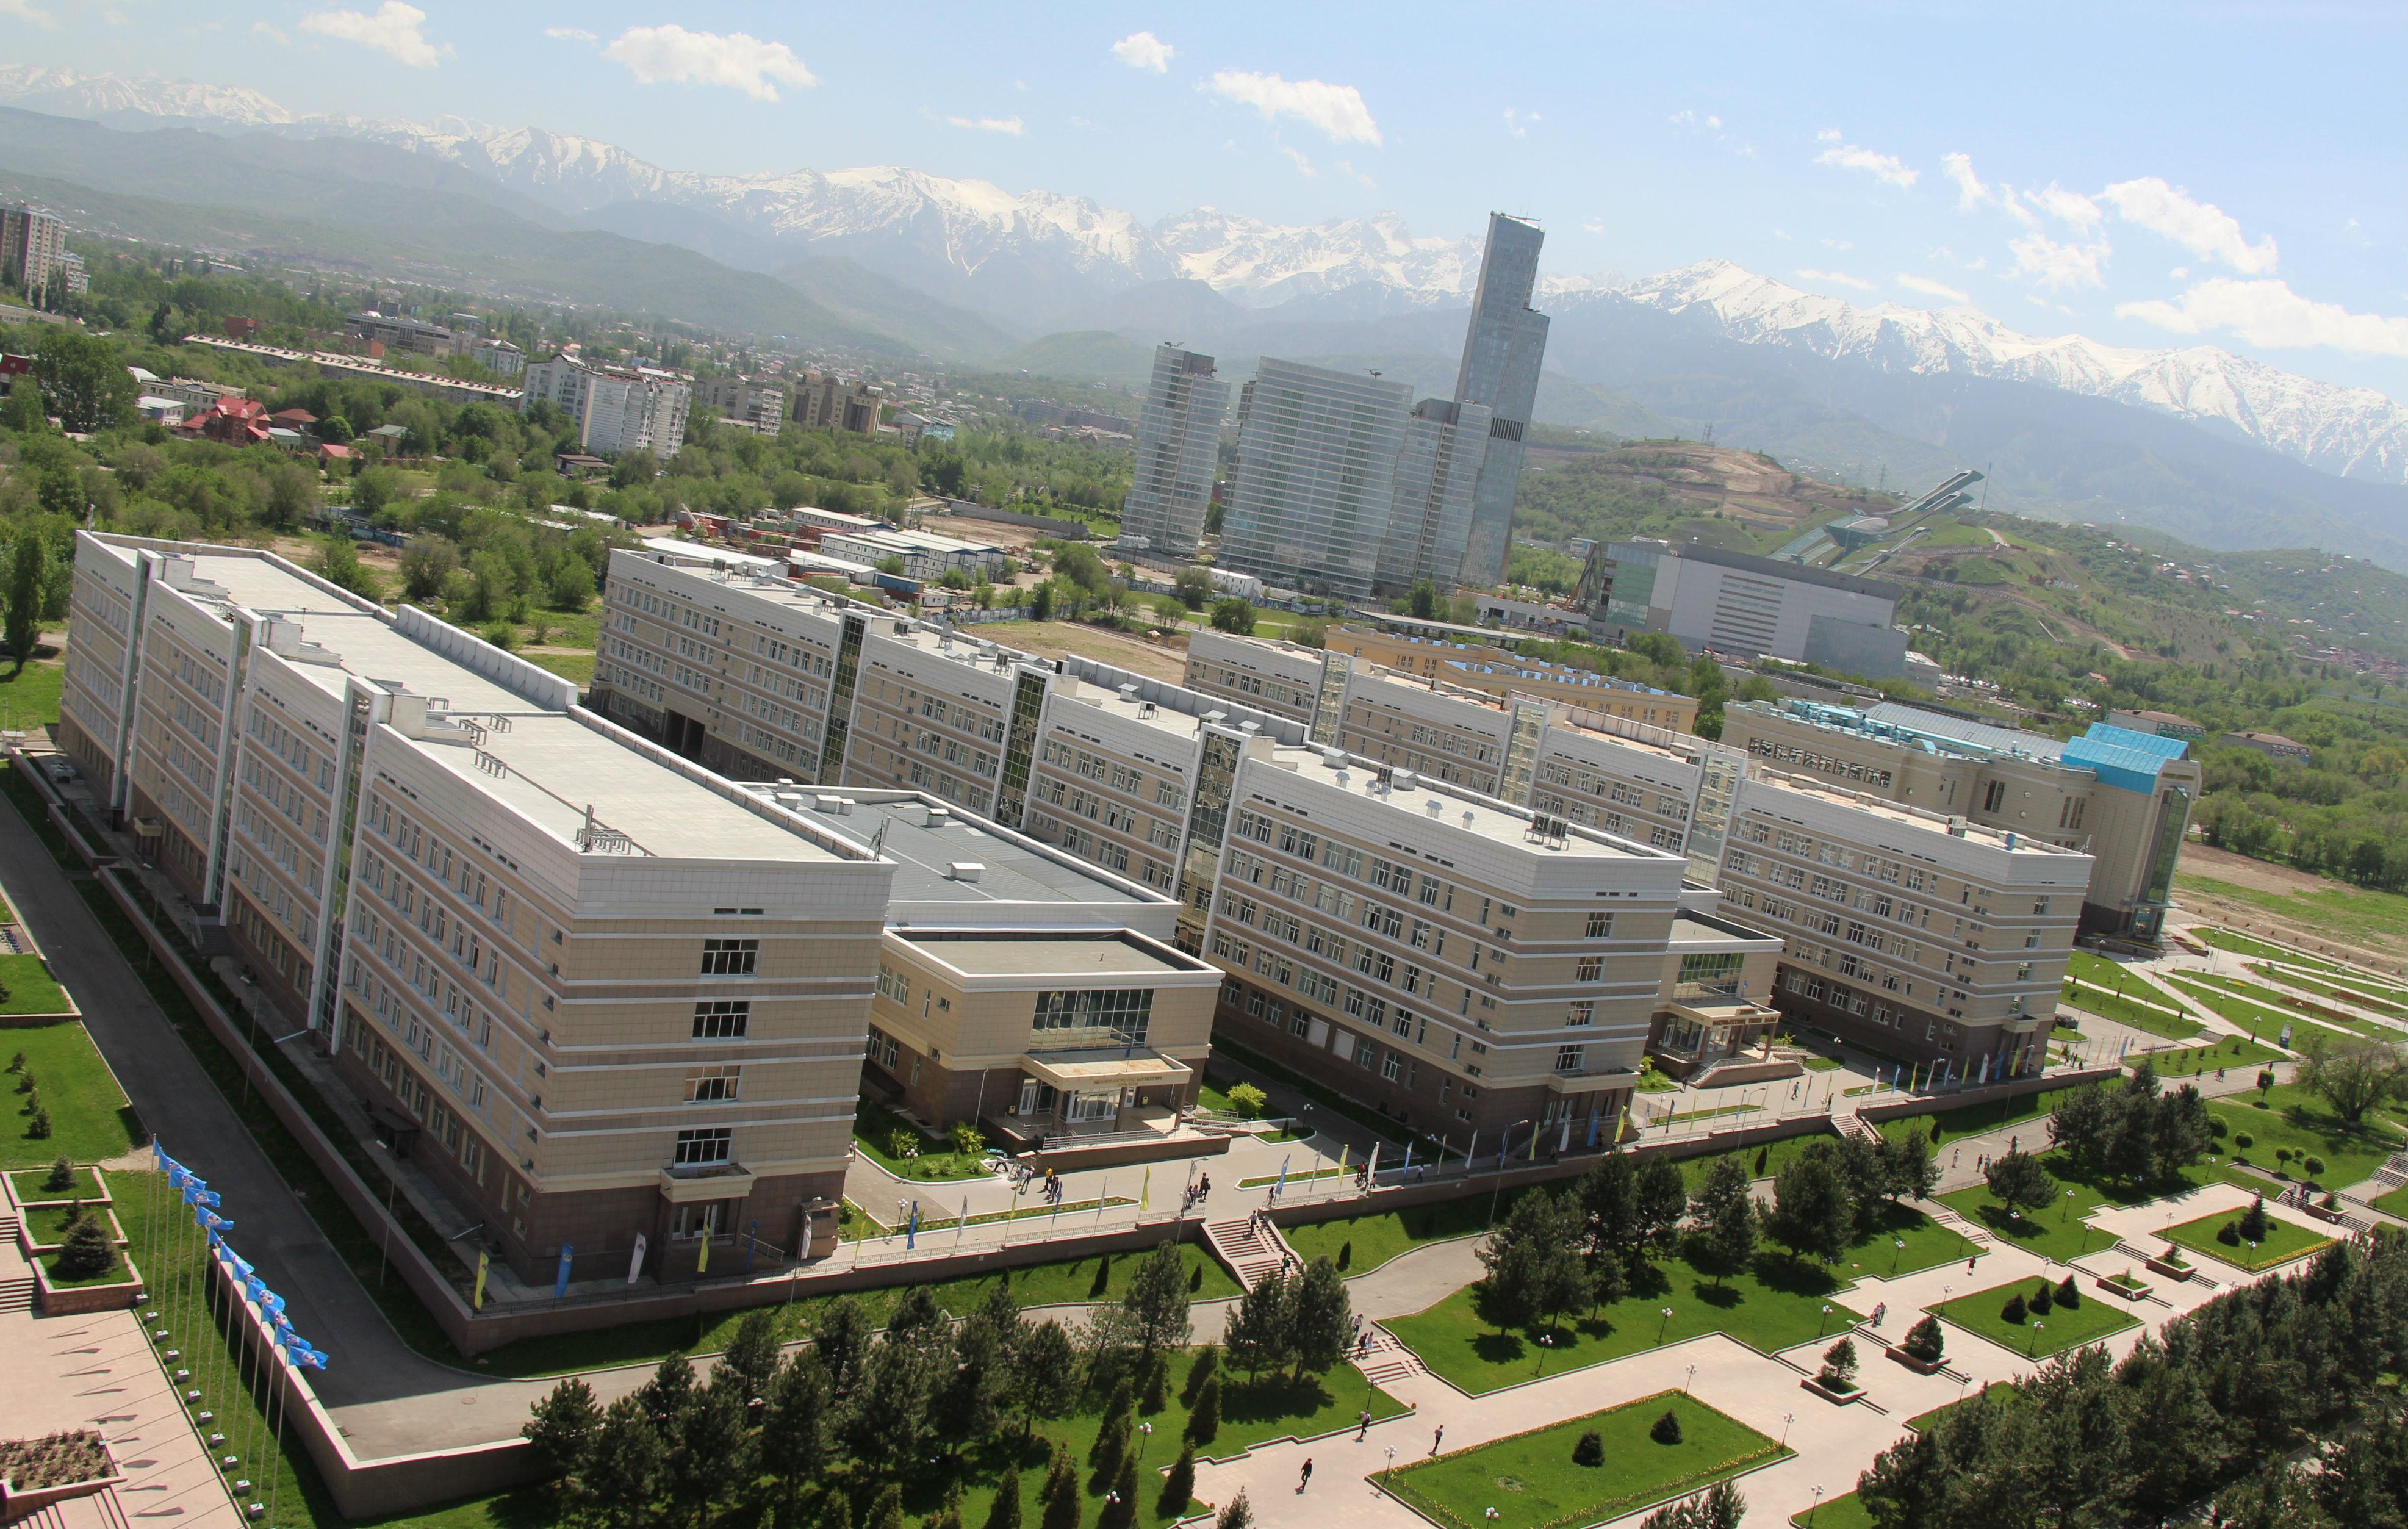 Kazakh national university